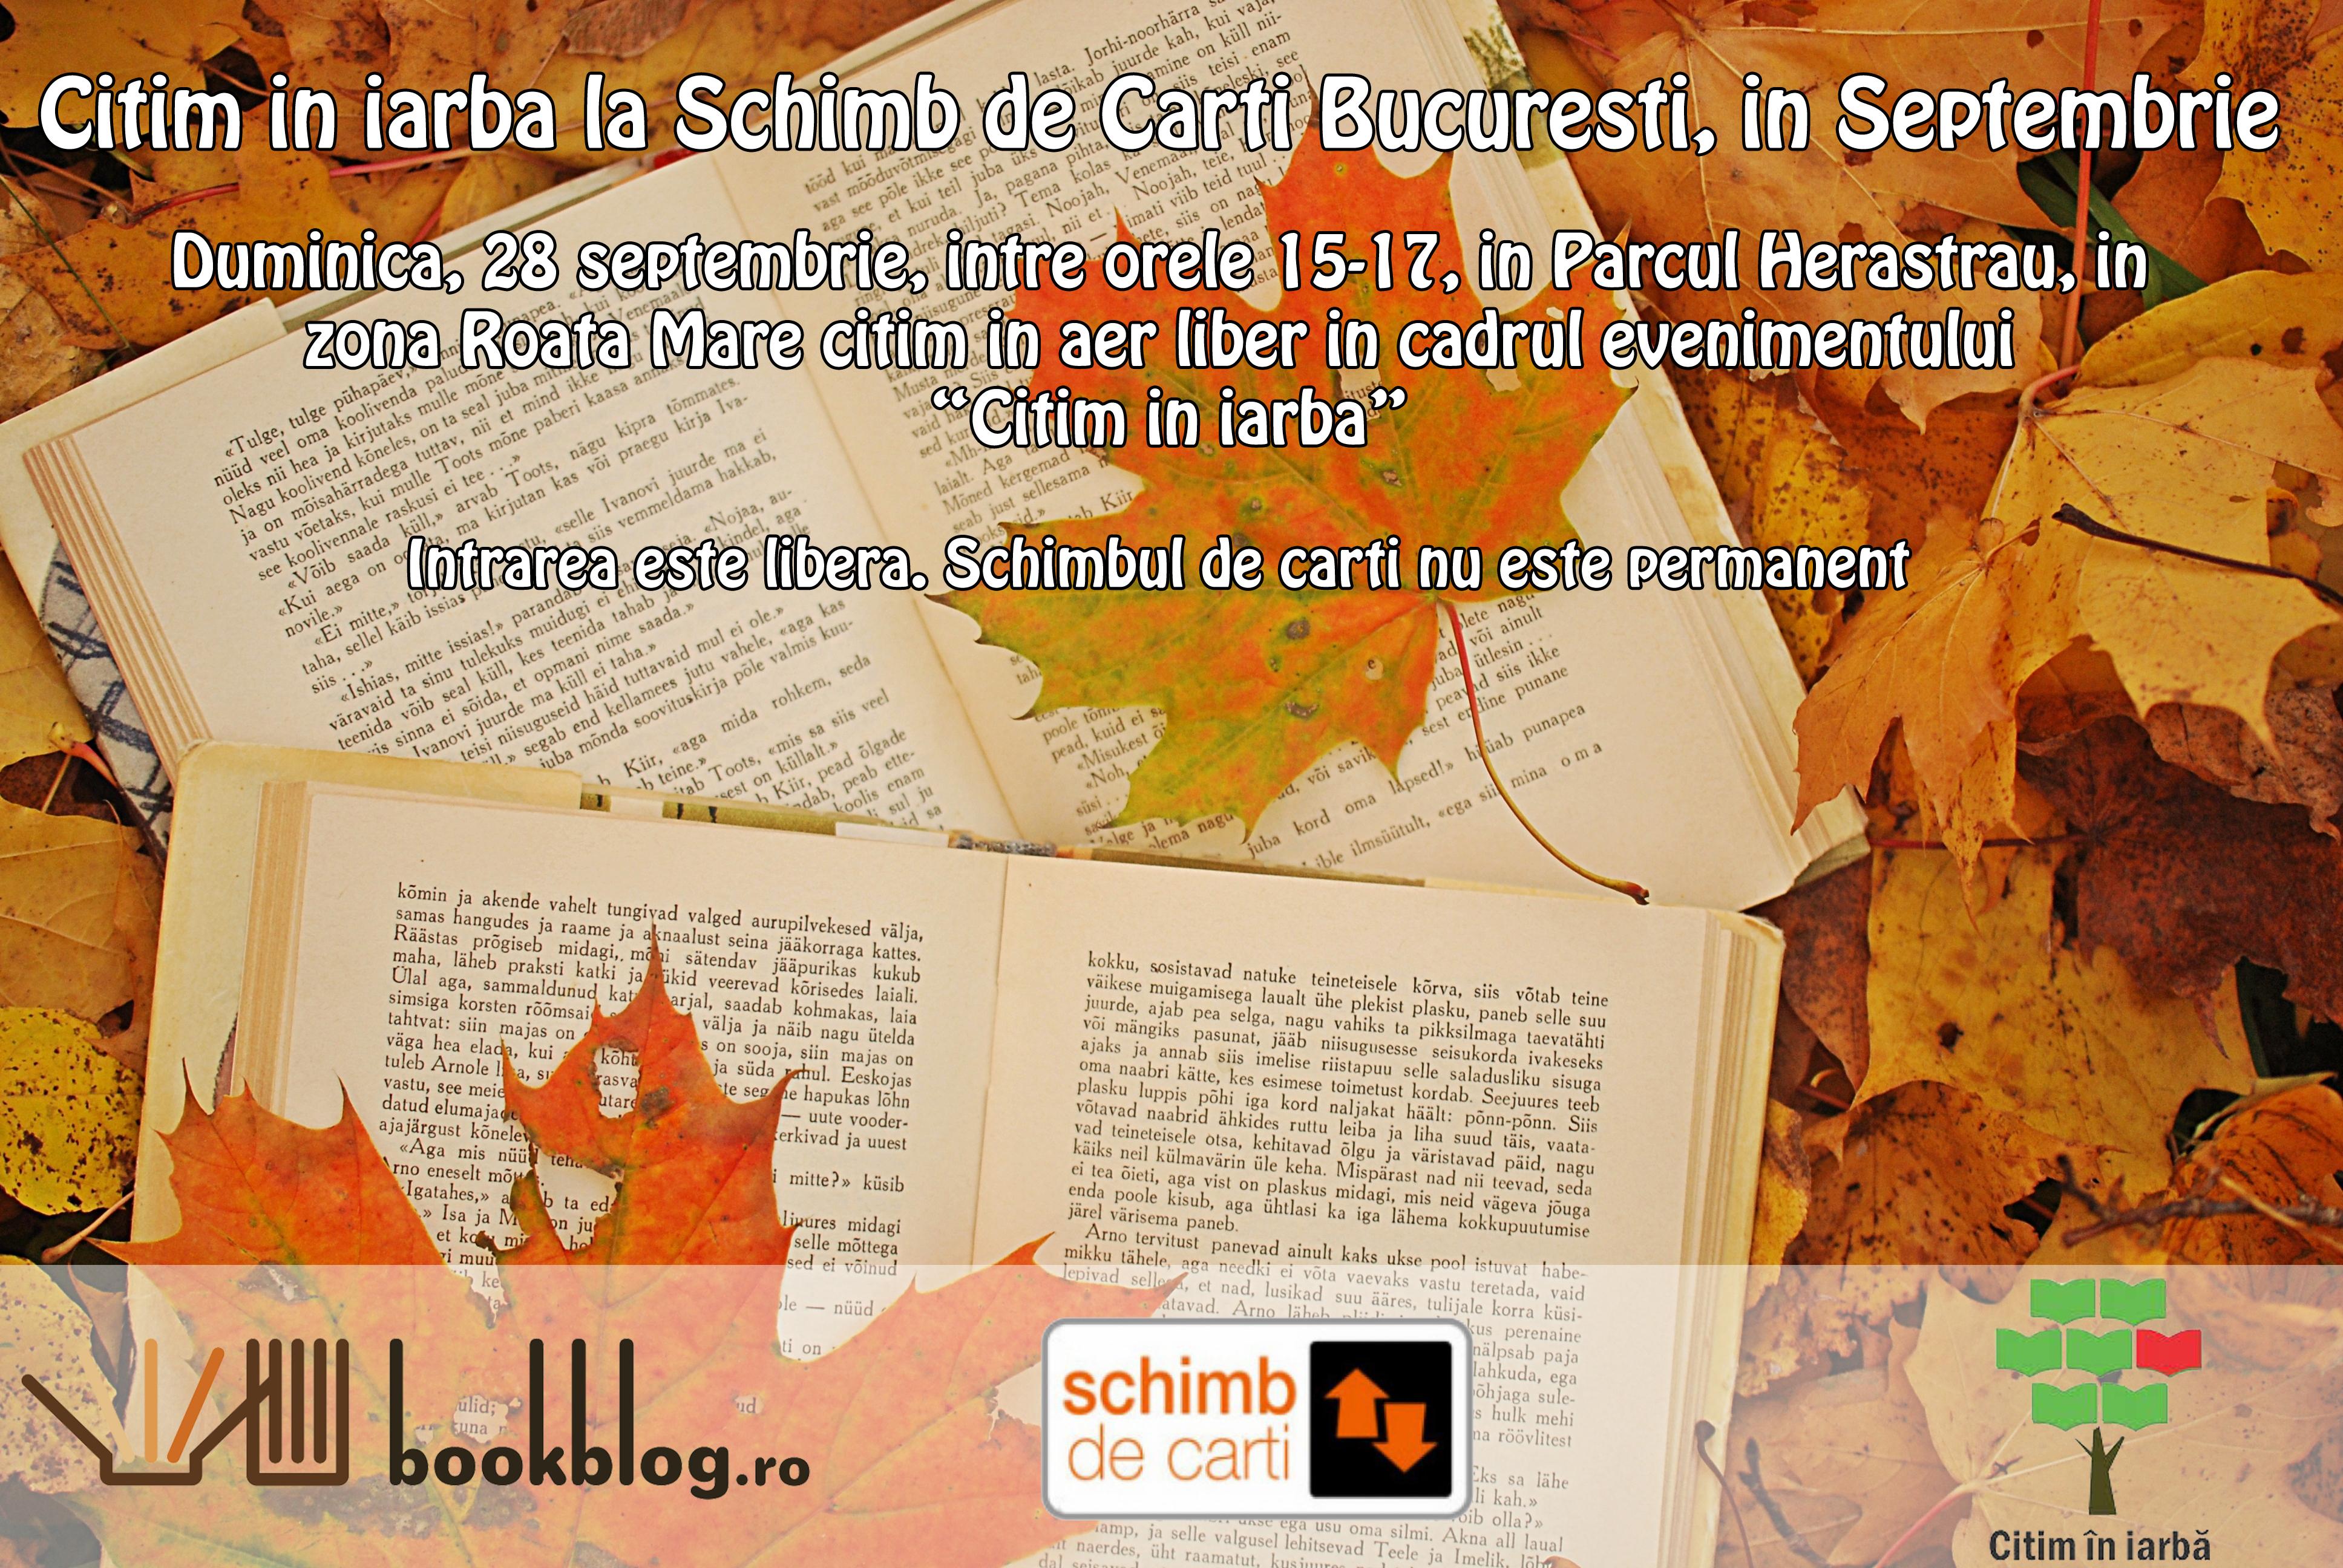 Schimb de Cărți București vă invită în septembrie să Citim în iarbă